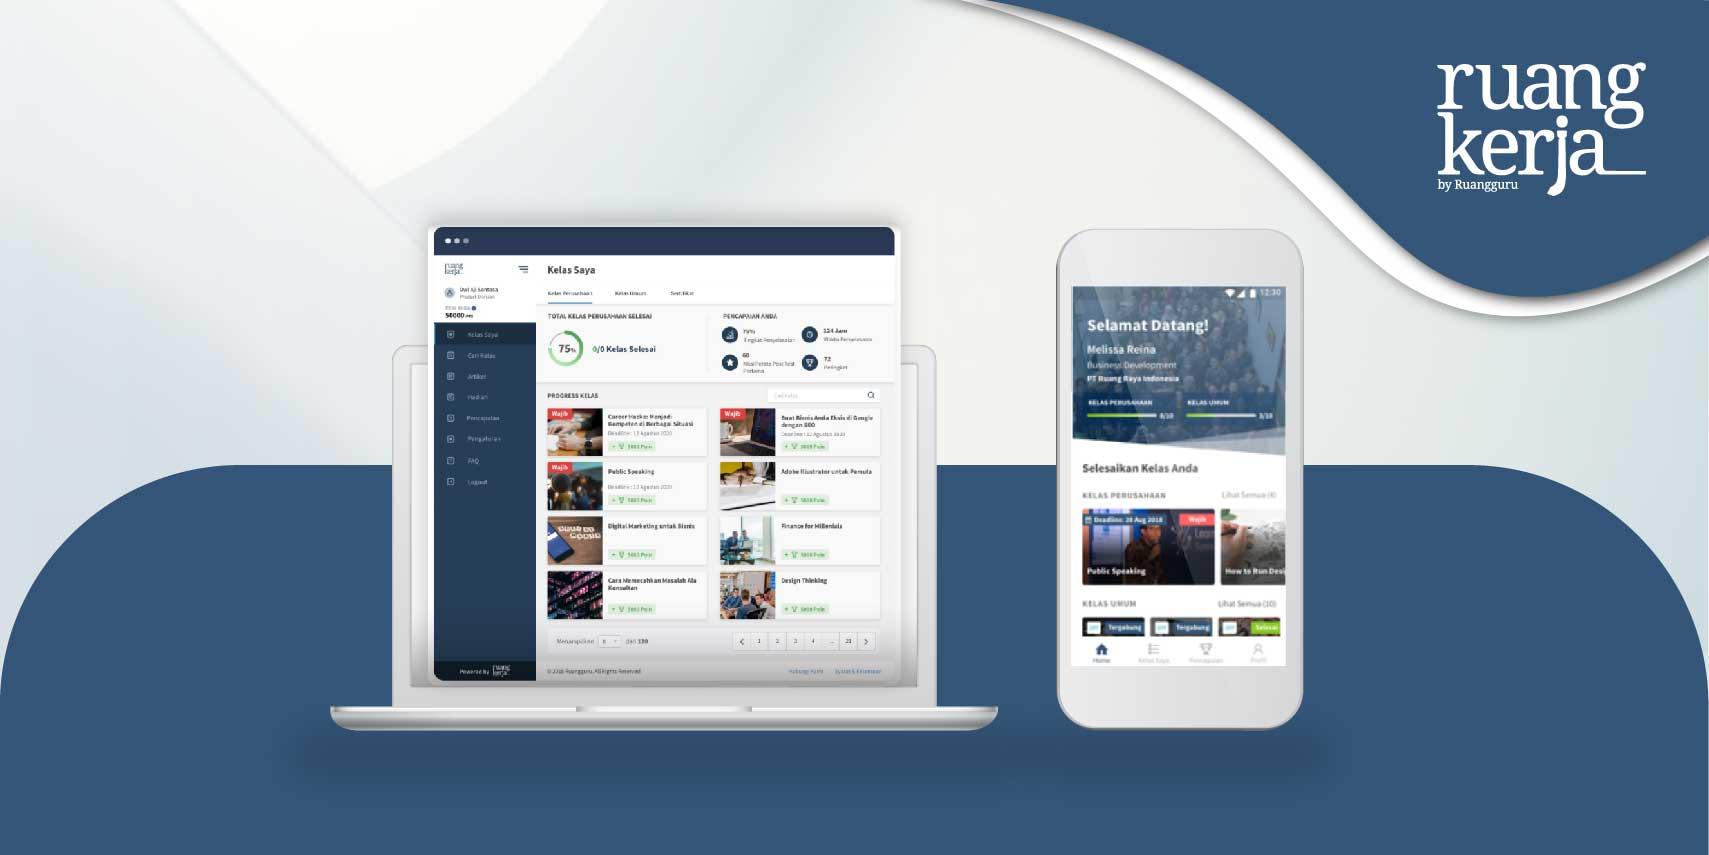 Tampilan dashboard ruang kerja pada pc dan handphone